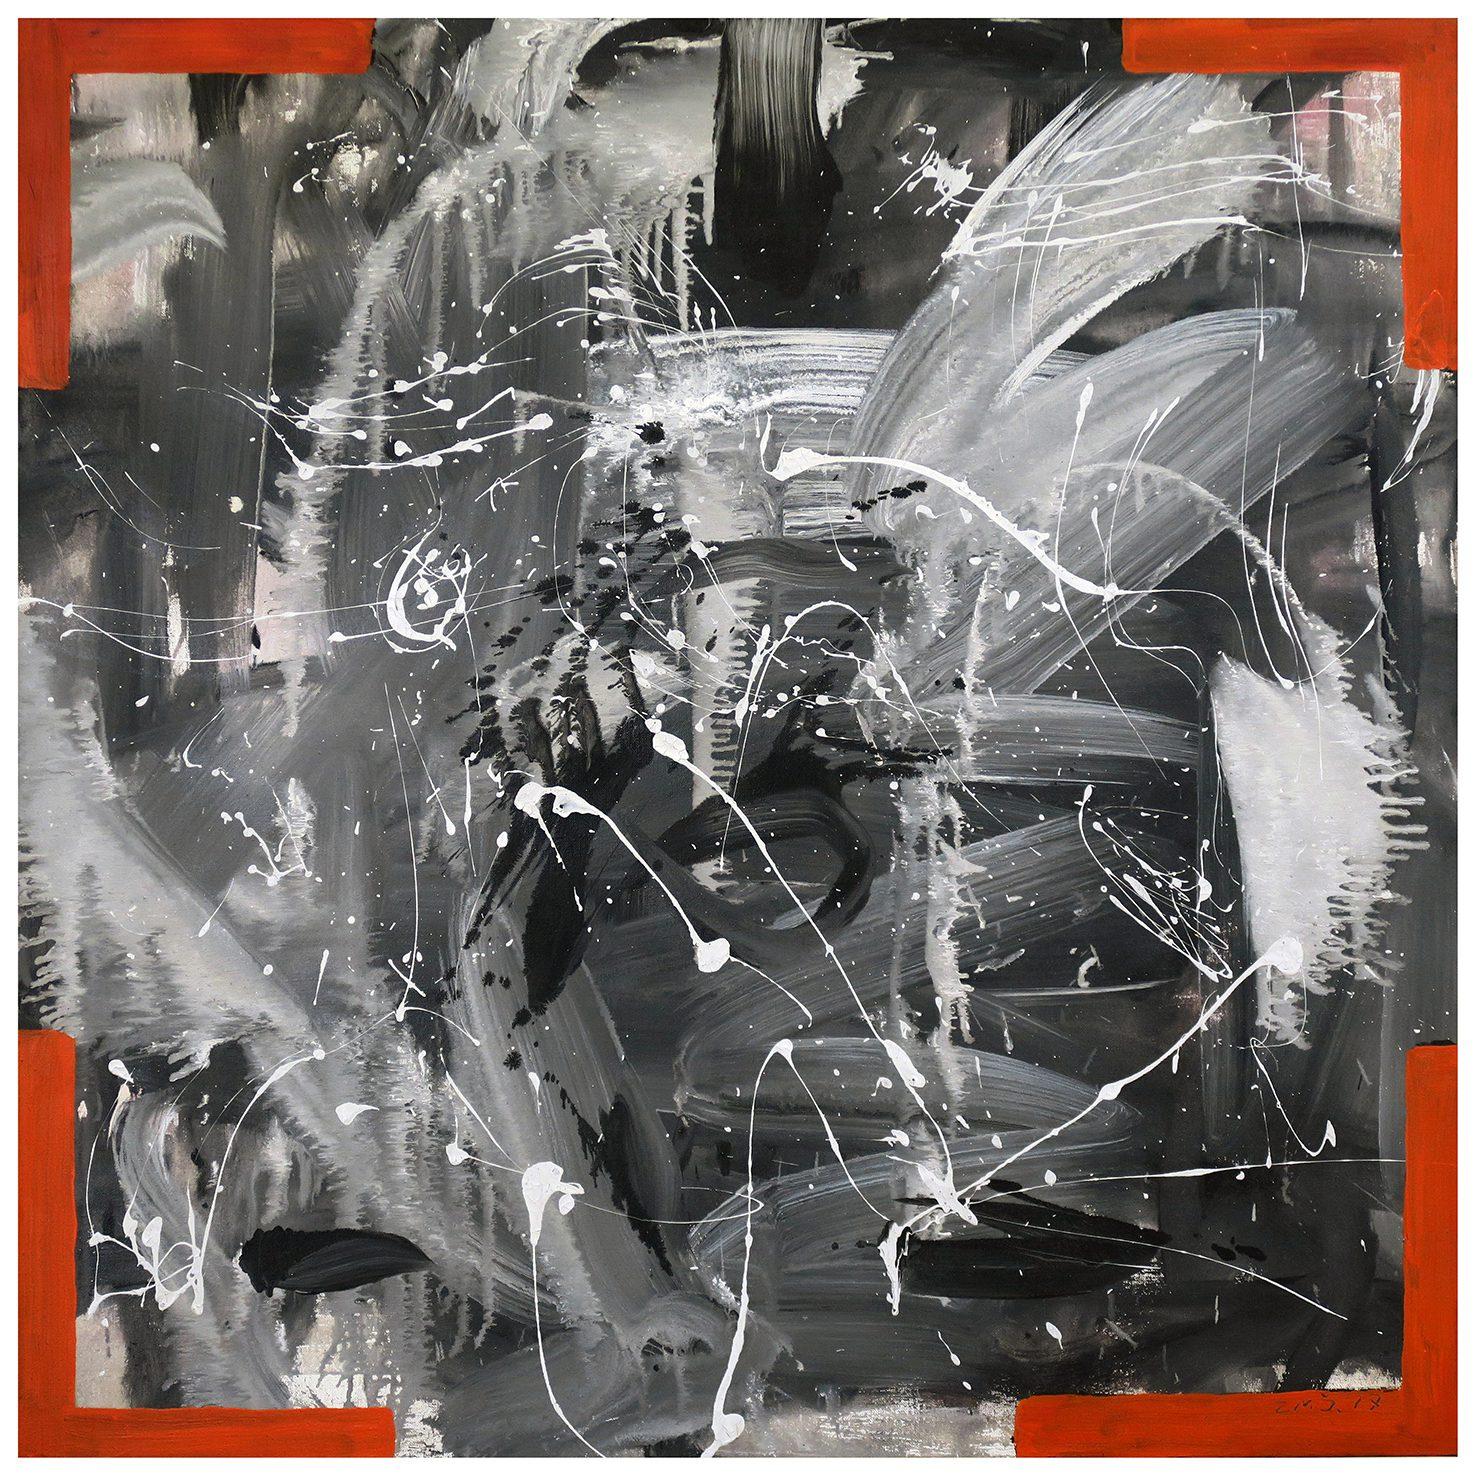 Zhao Mengjun, Mein unveränderliches Herz 2017, Acrylic, propylene on canvas, 120 x 120 cm, framed.